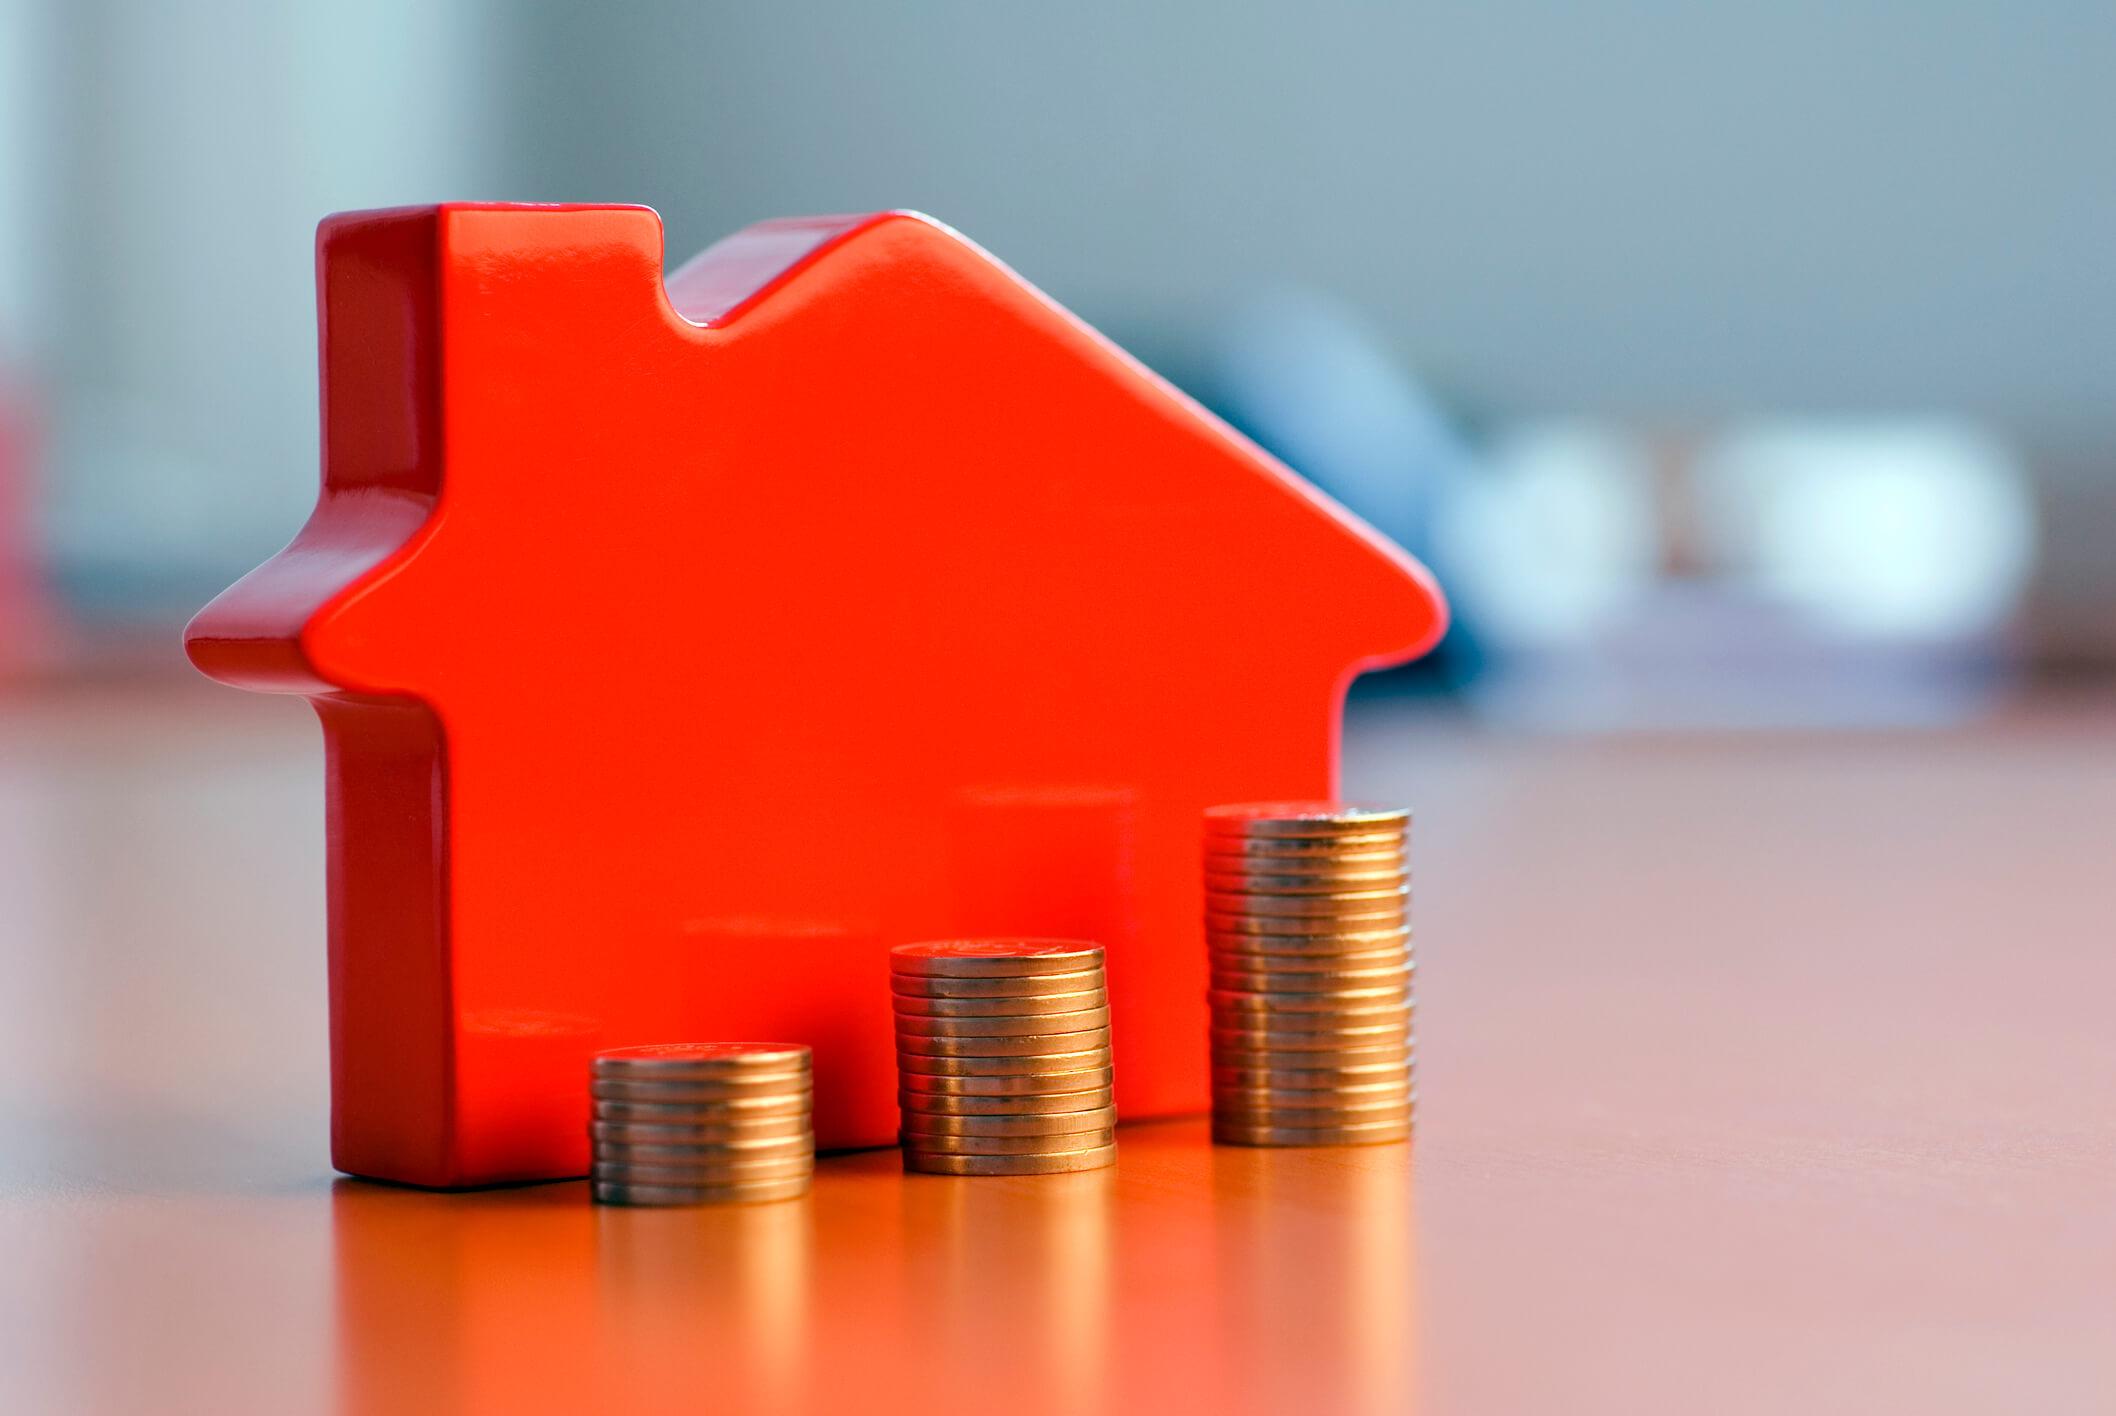 novo financiamento imobiliário da caixa